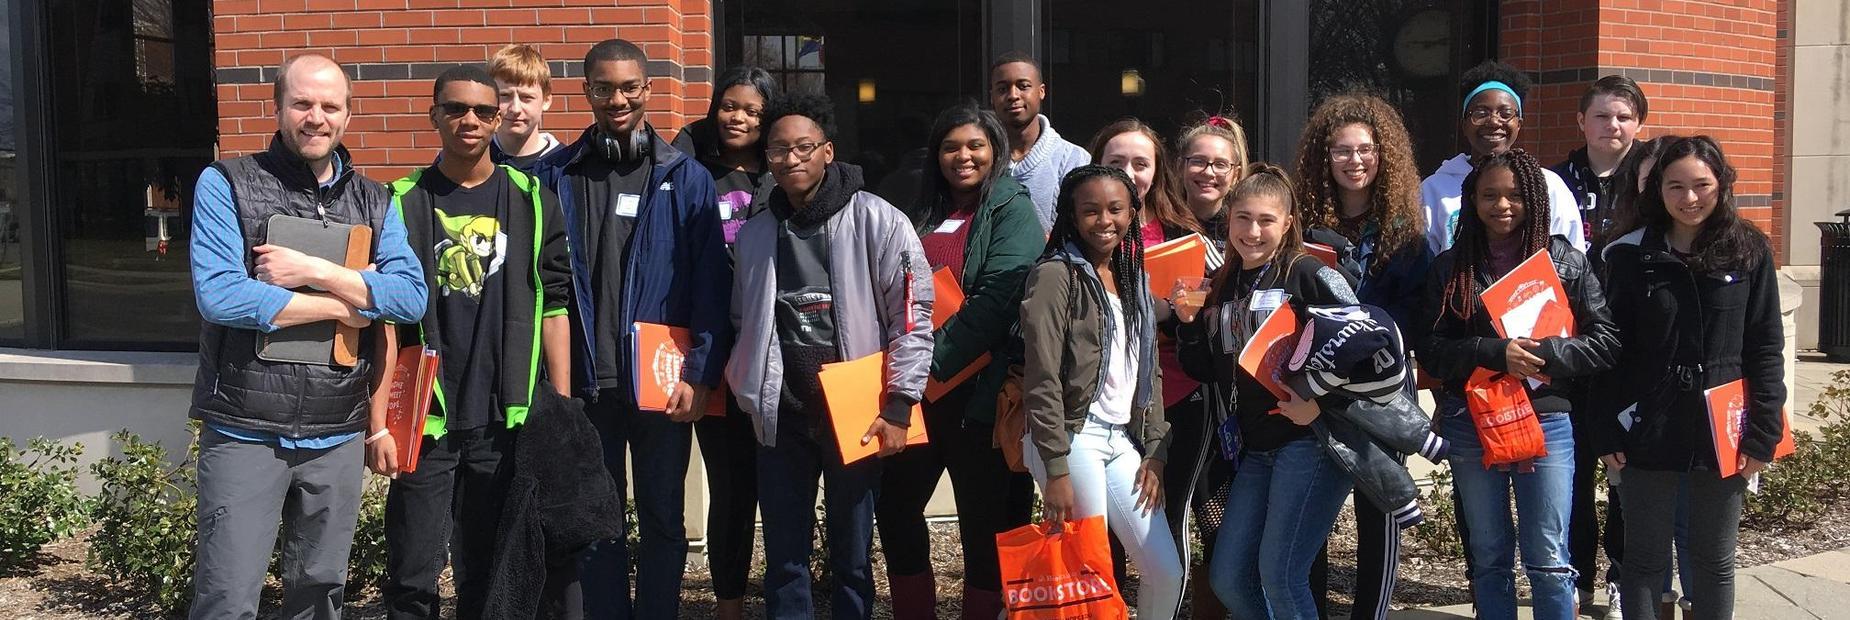 Thurston Students